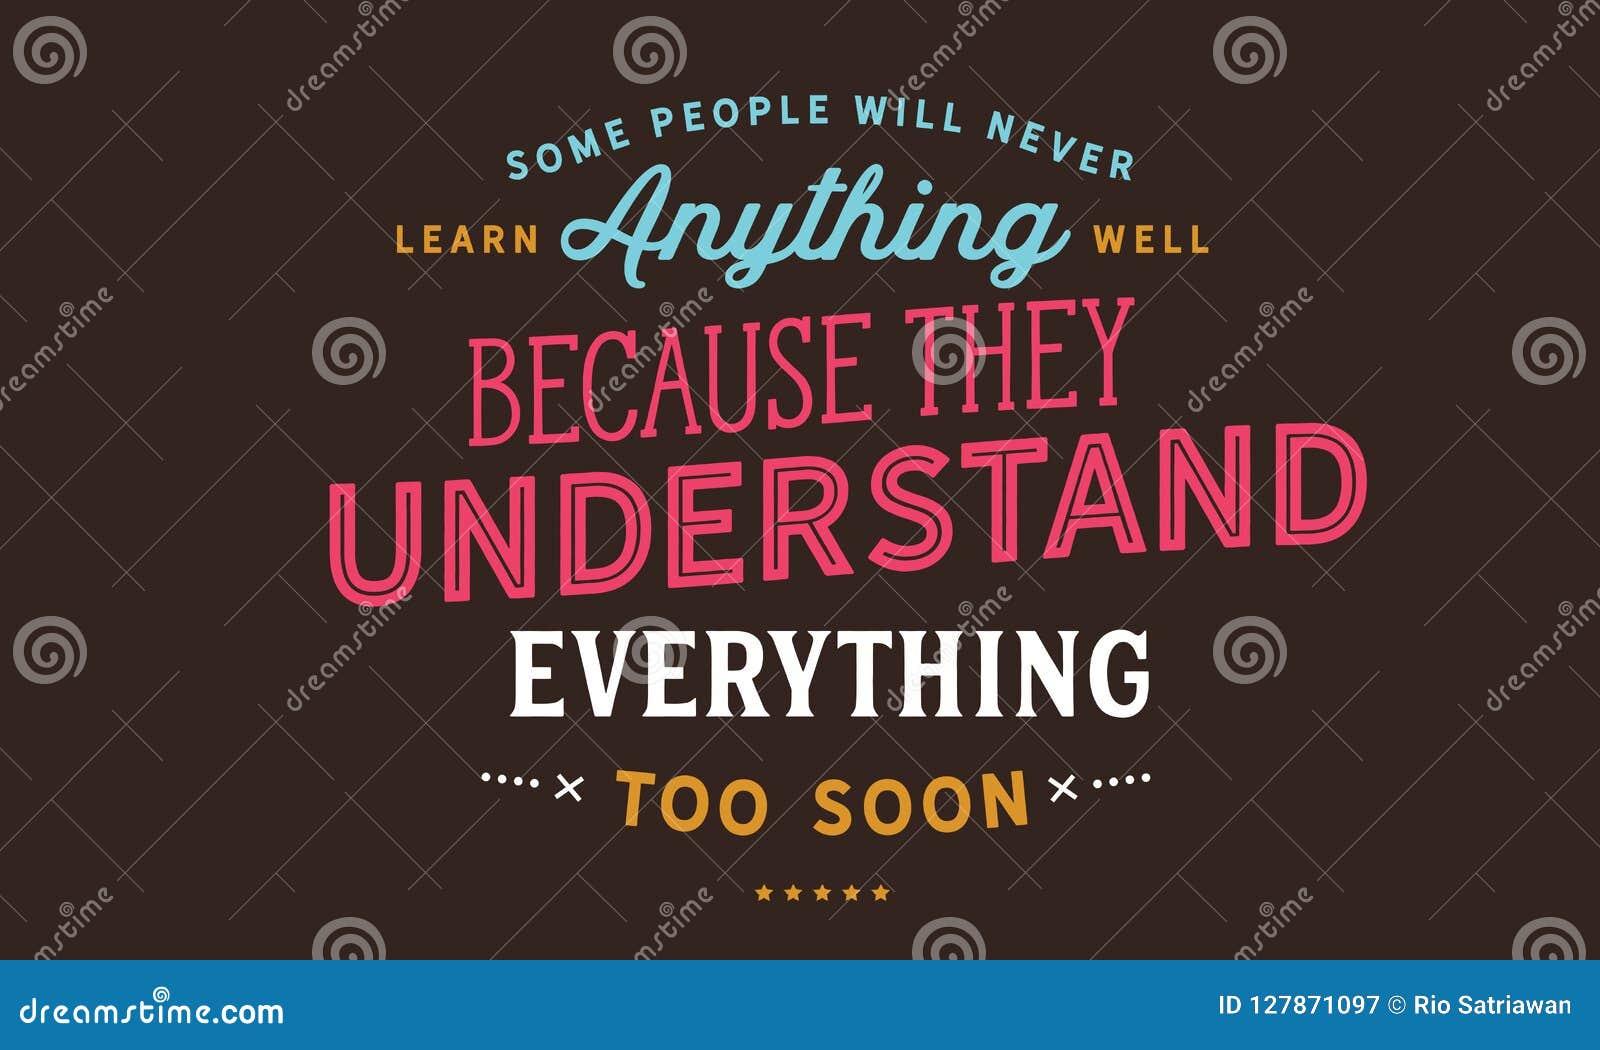 Algunas personas nunca aprenderán cualquier cosa bien